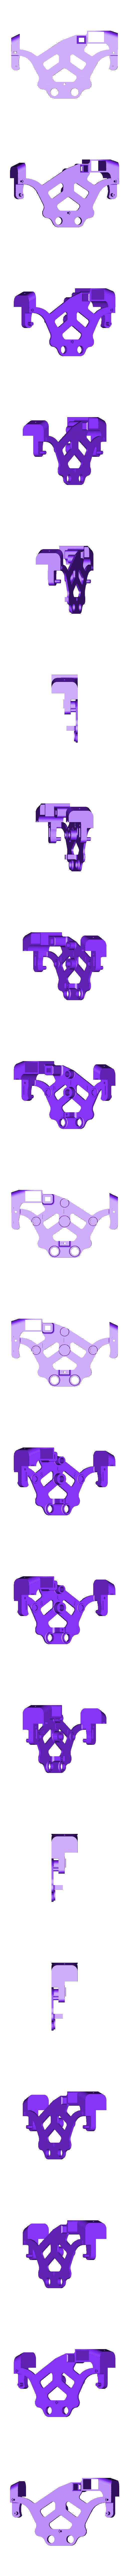 Frame_left_m.STL Télécharger fichier STL gratuit STARWARS motorisés AT - AT • Plan imprimable en 3D, Rio31